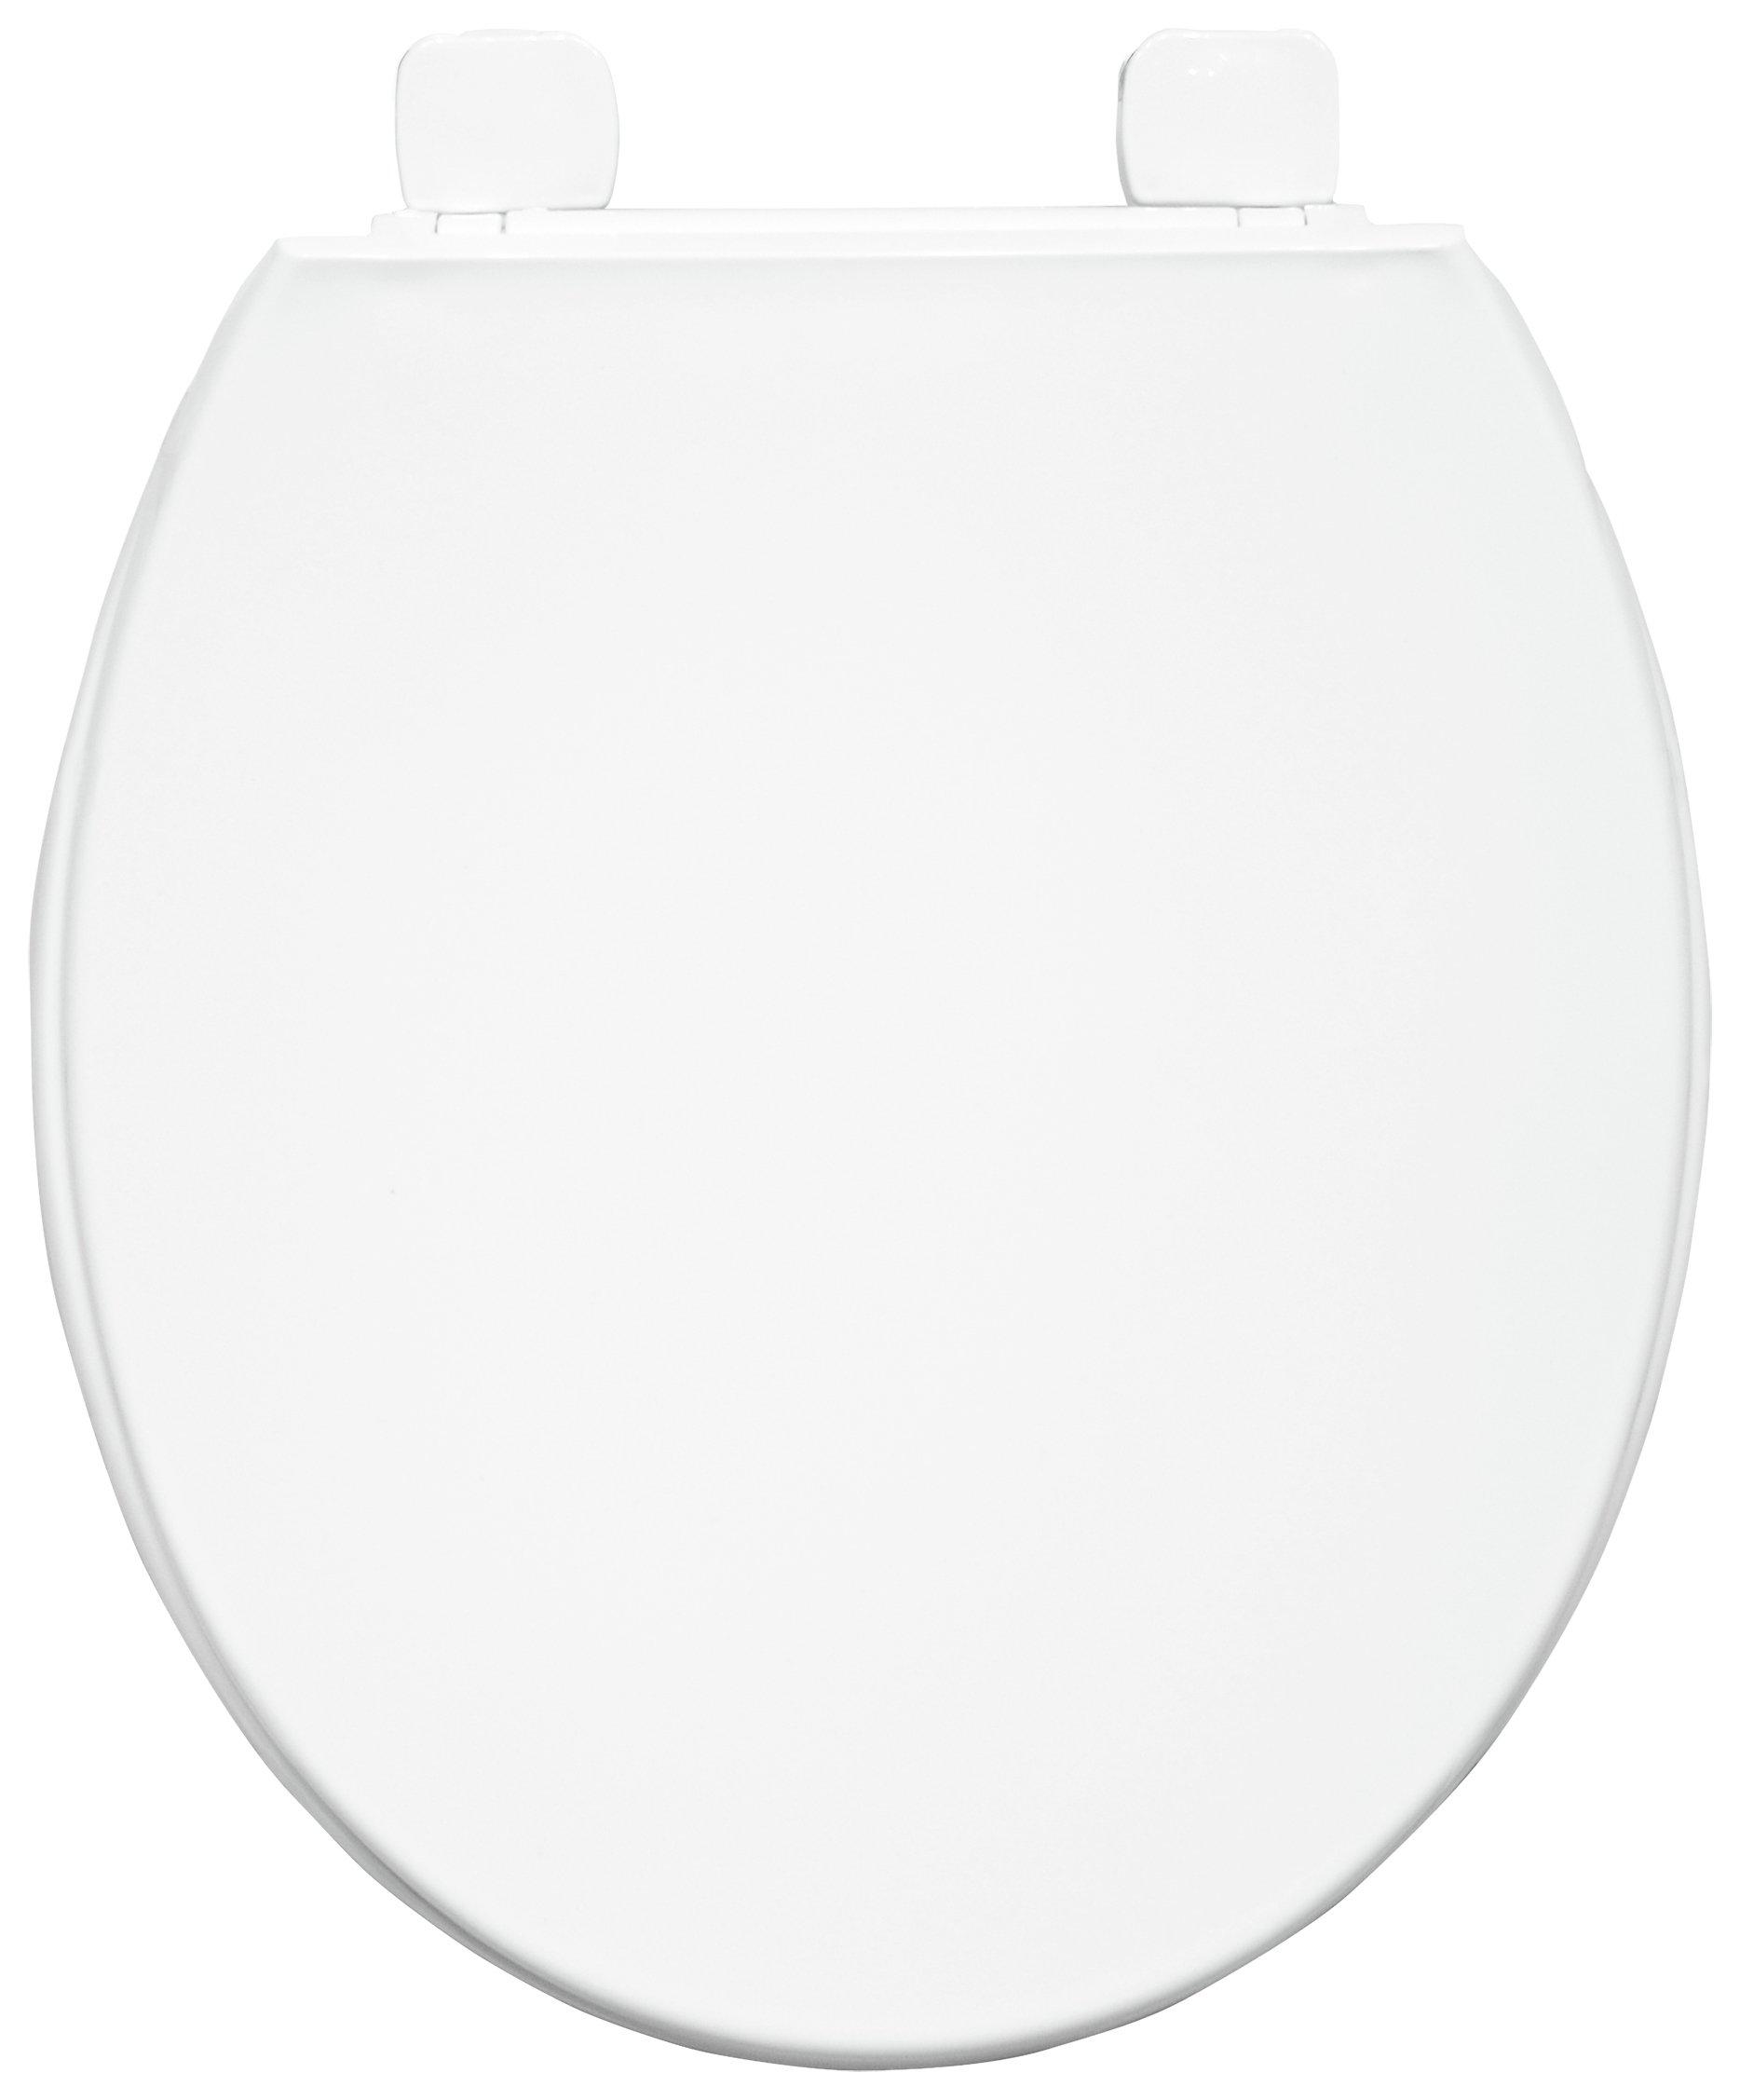 Bemis - Chester STA-TITE - Toilet Seat - White